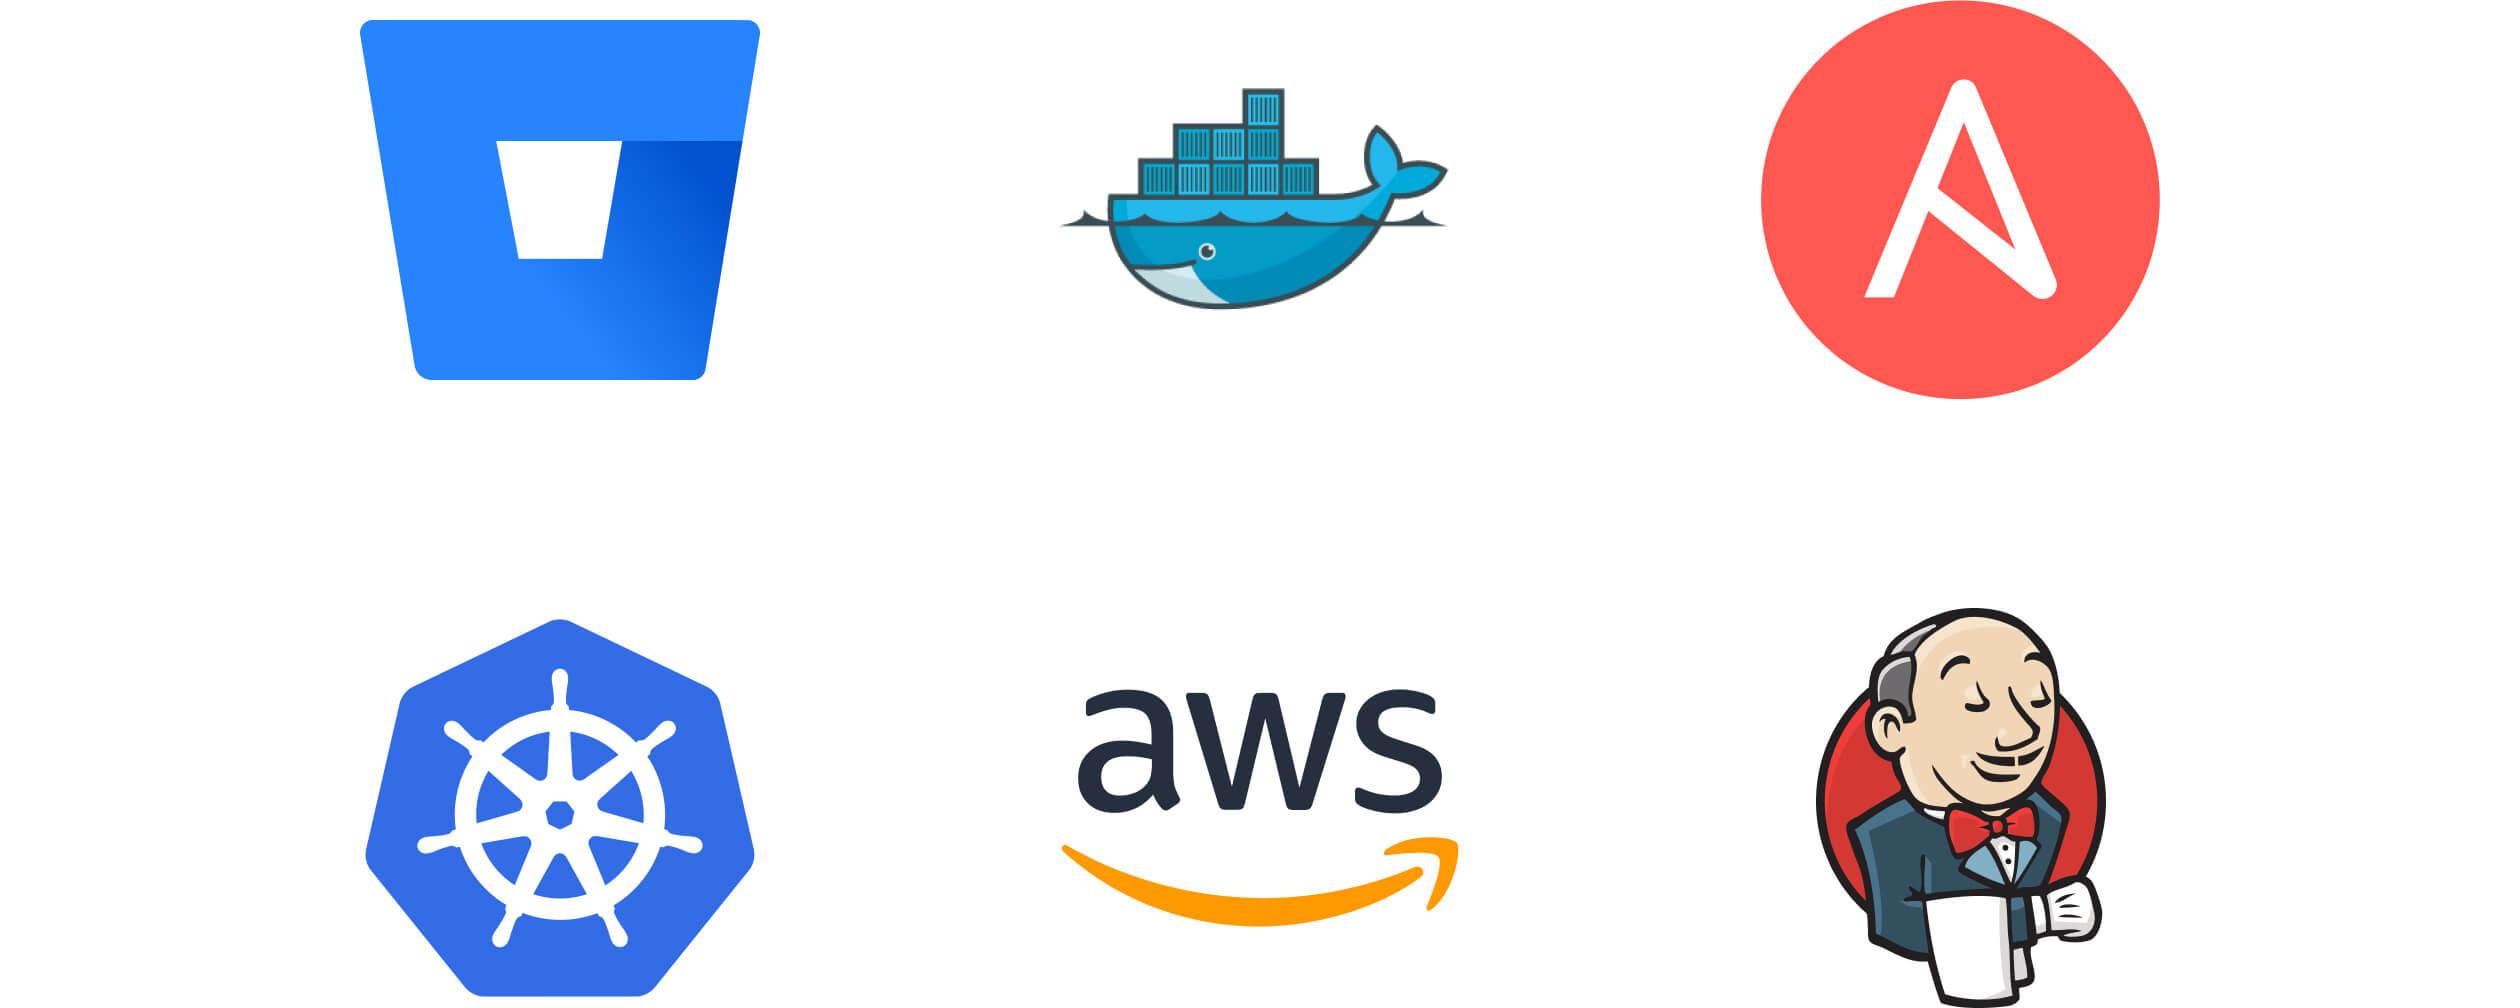 Most popular DevOps software icons